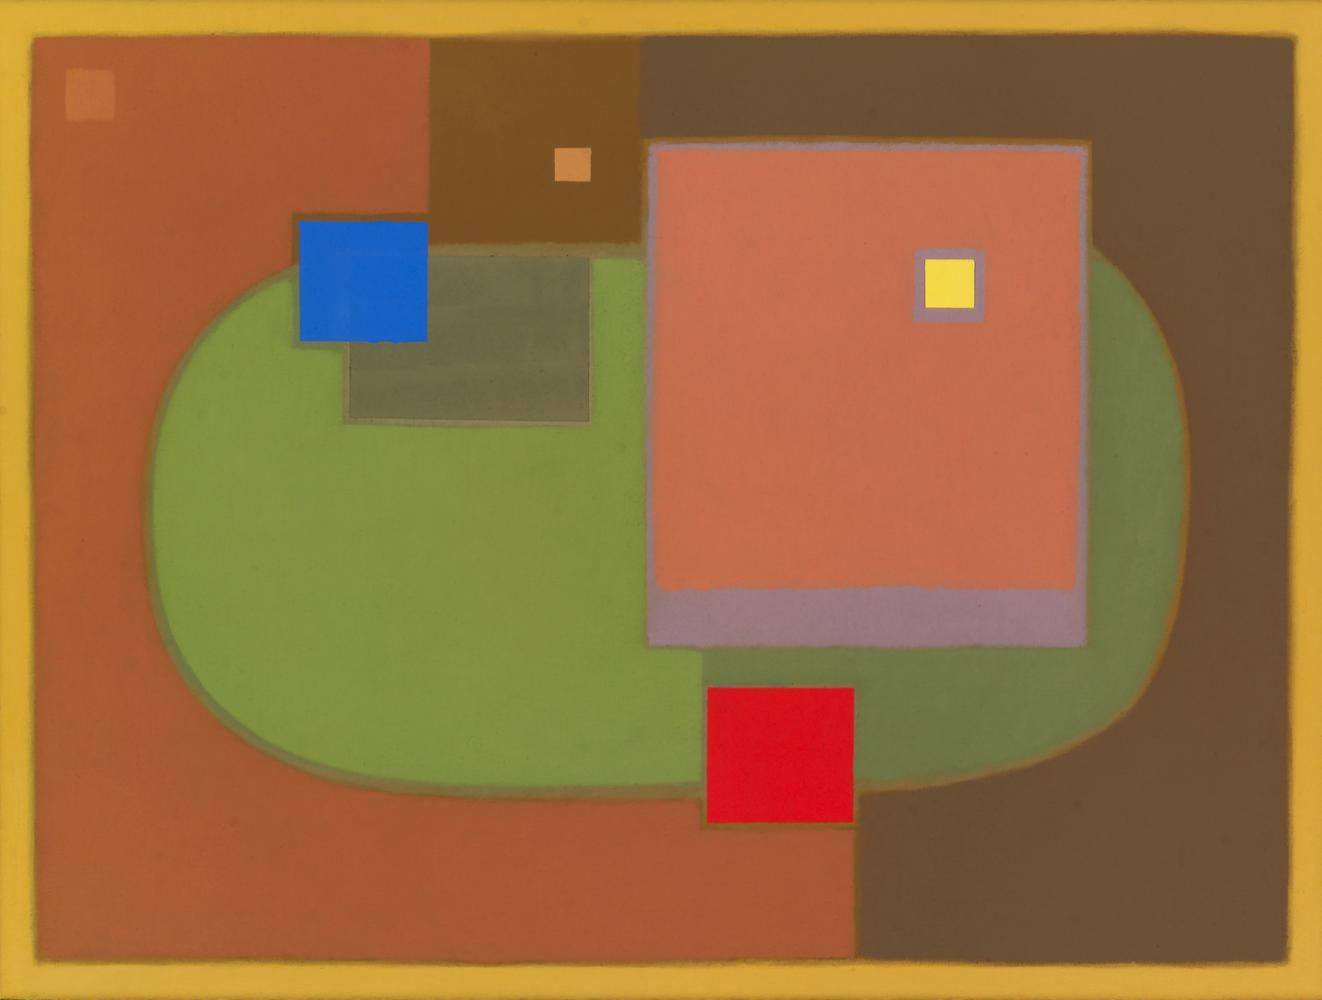 Sin título, 46 x 61 cm, óleo lienzo, 2006.